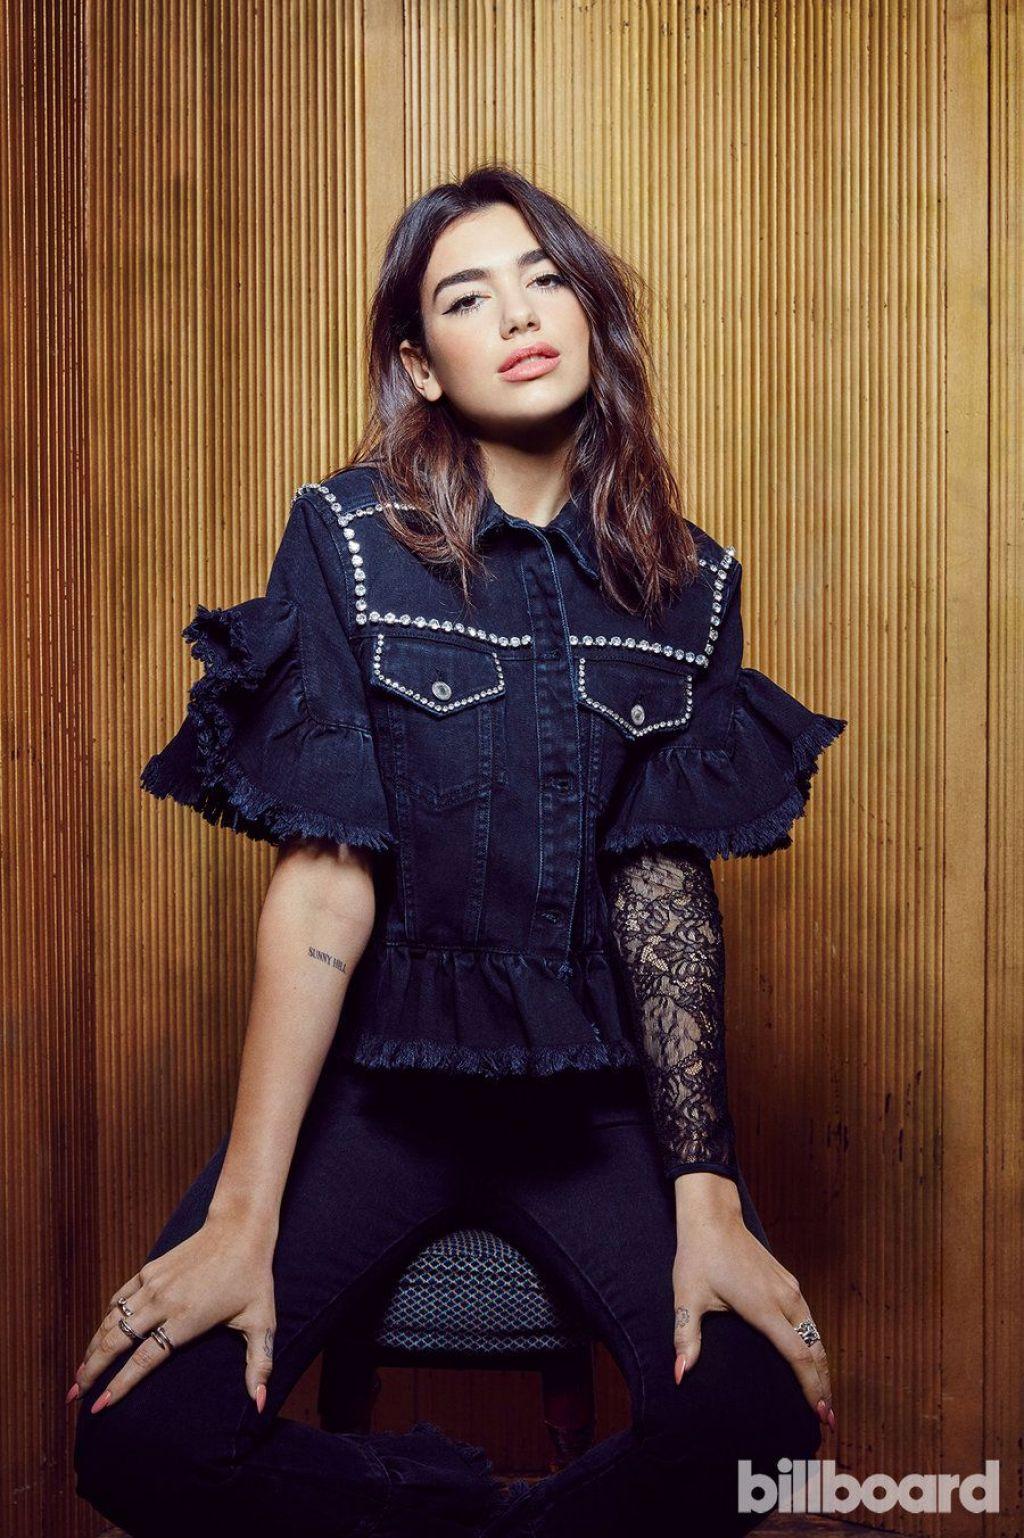 Dua Lipa Photographed For Billboard Magazine 2017